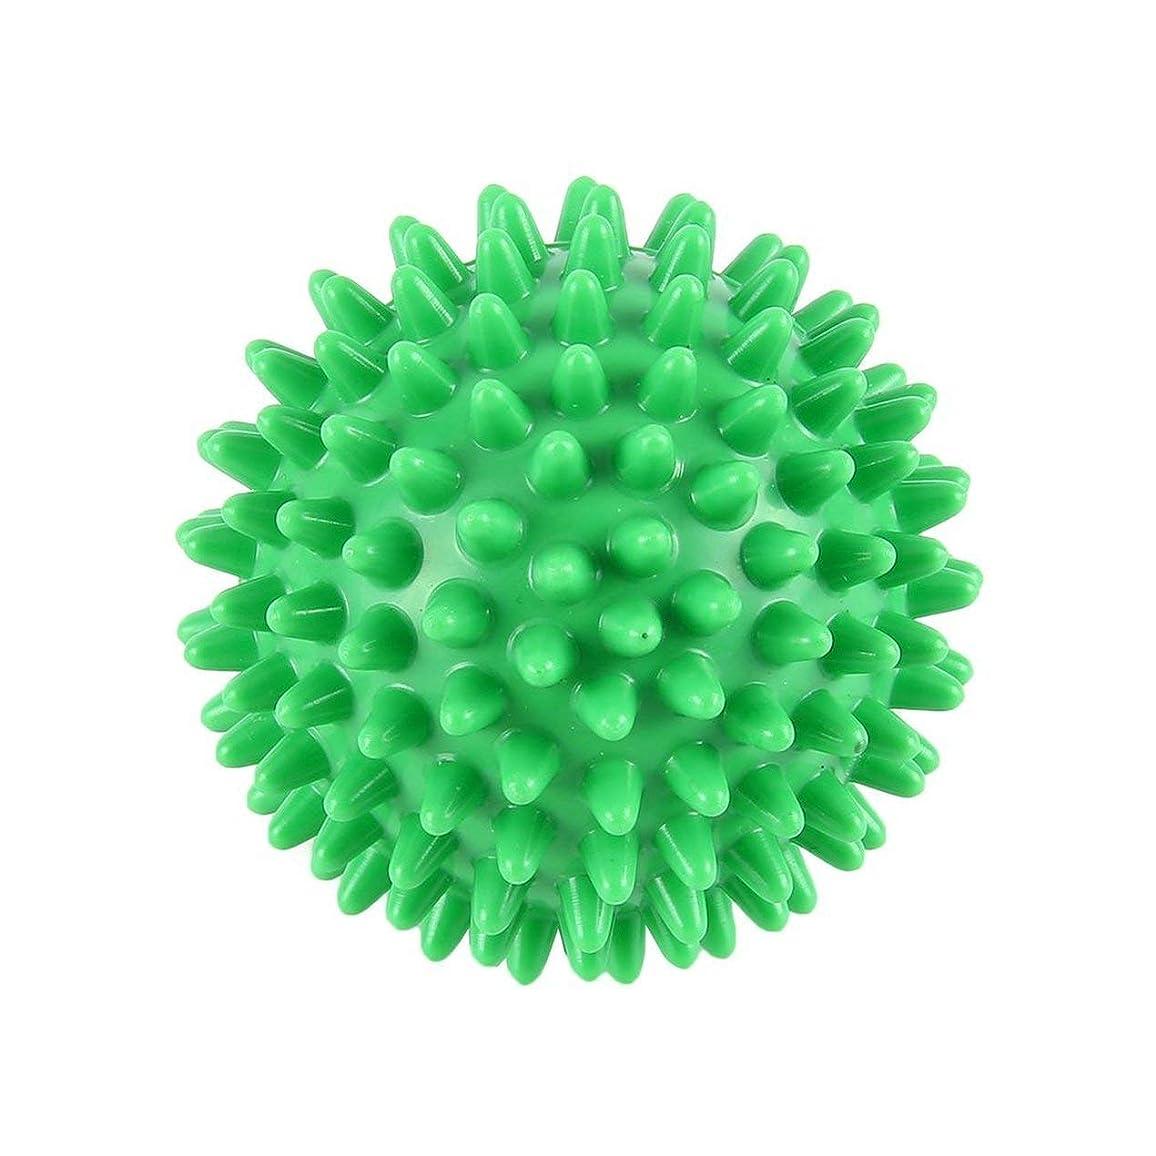 手荷物一定味付けPVC高密度スパイクマッサージボール足の痛み&足底筋膜炎緩和剤トリートメントハリネズミボールマッサージ指圧ボール(色:緑)(サイズ:6cm)